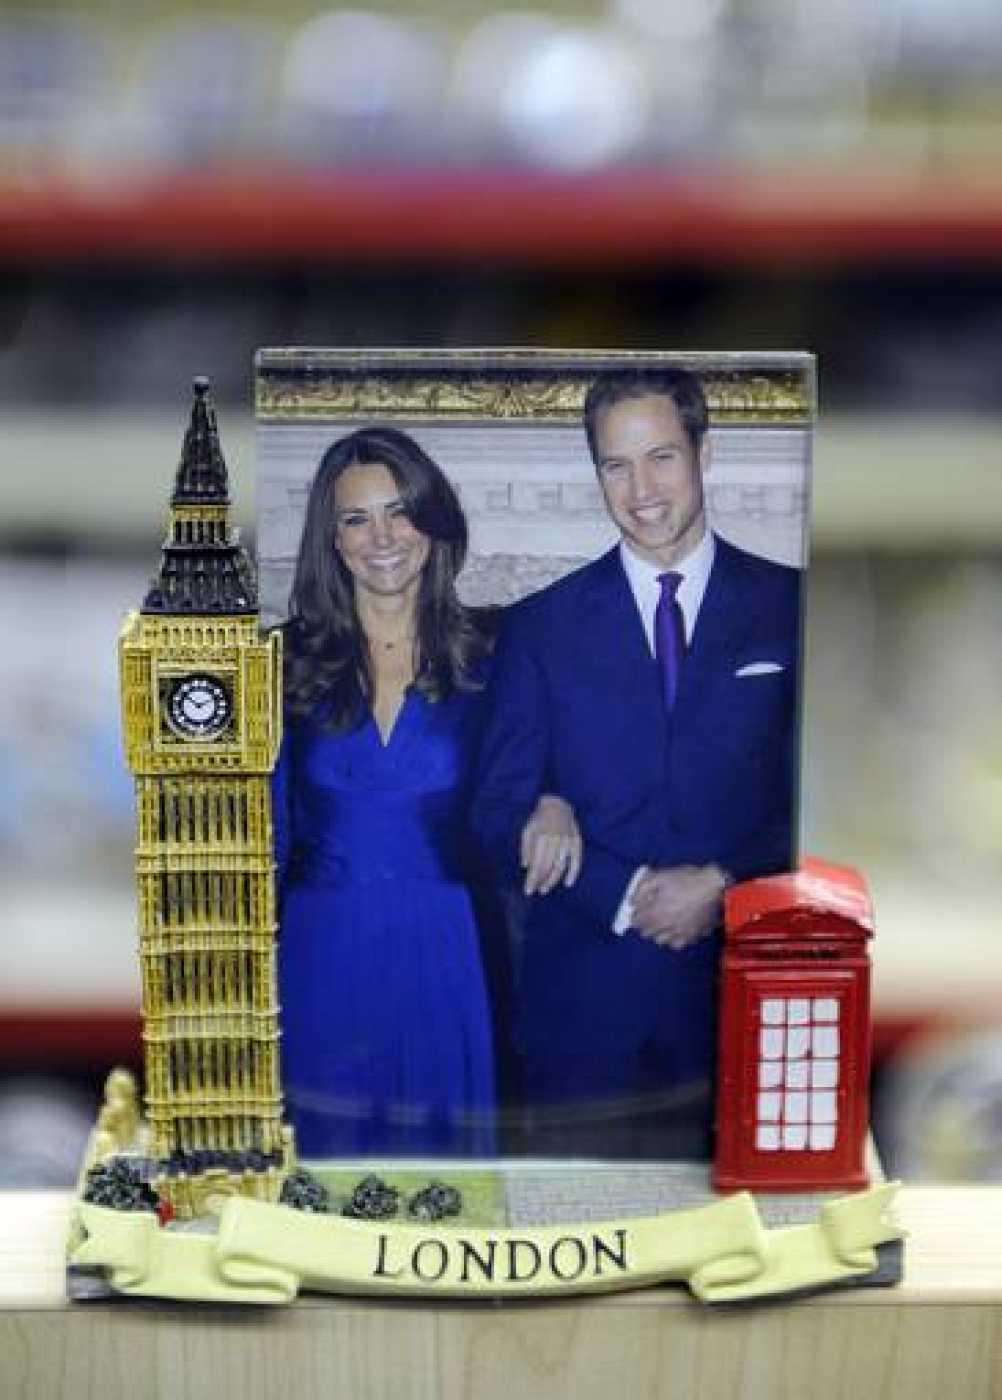 Marco con una foto del príncipe Guillermo de Inglaterra y su novia Kate Middleton que se vende como recuerdo en una tienda de Londres.